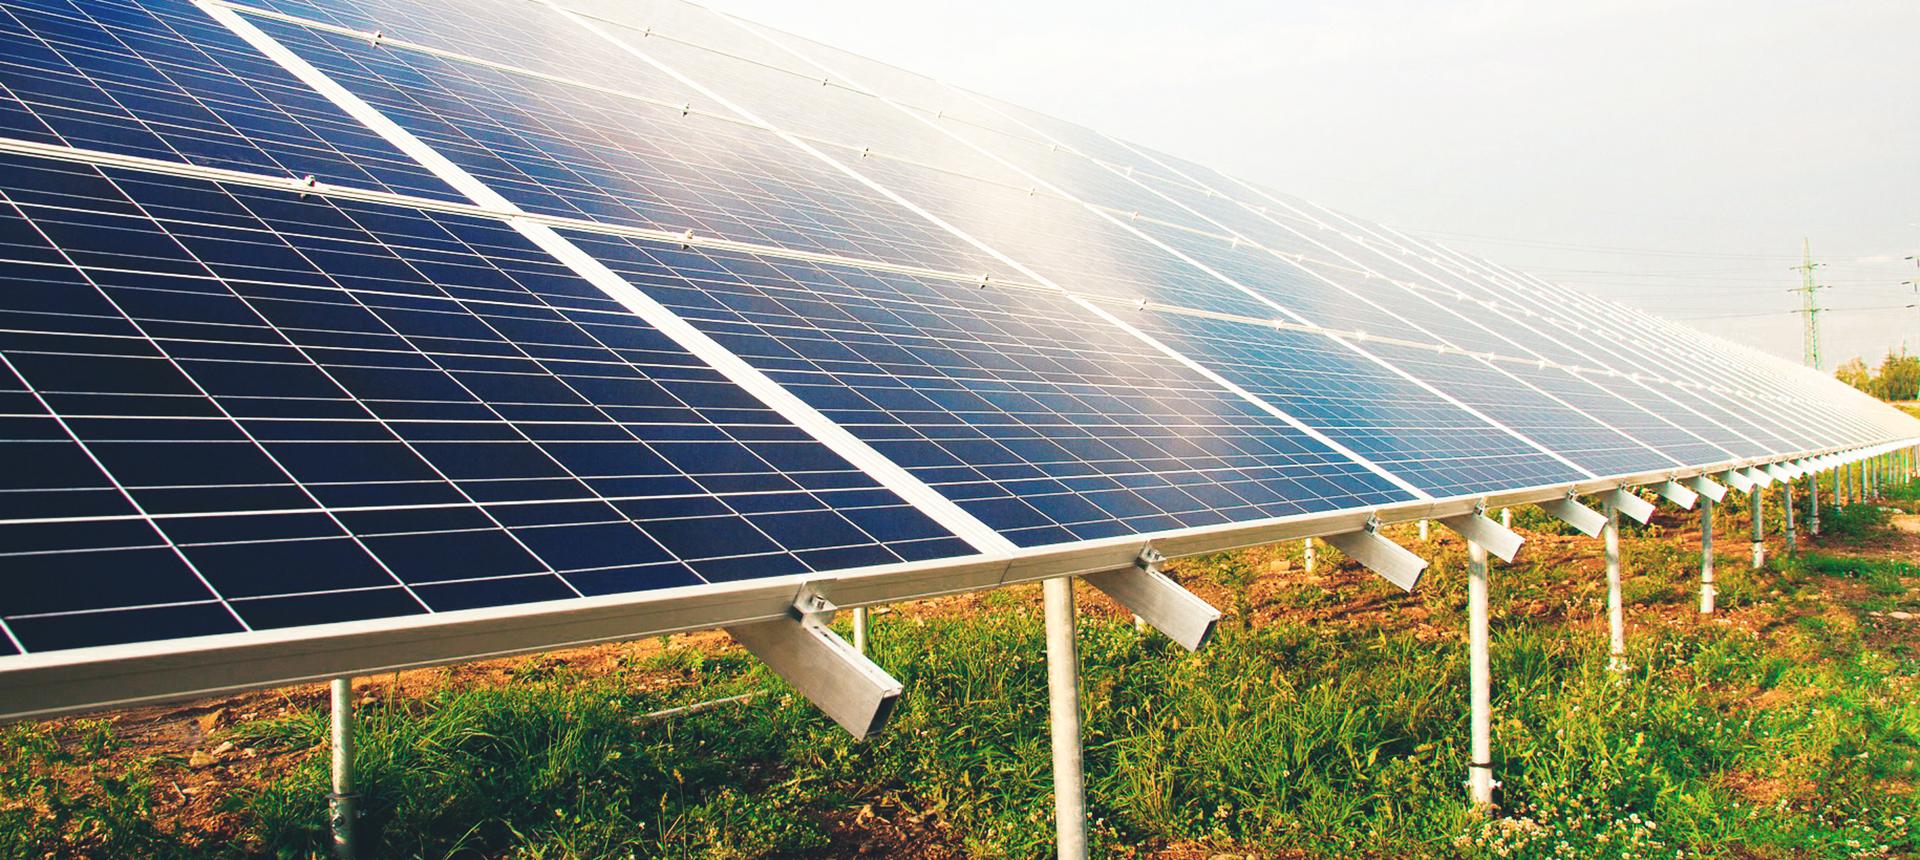 企業における自家消費型太陽光発電の重要性